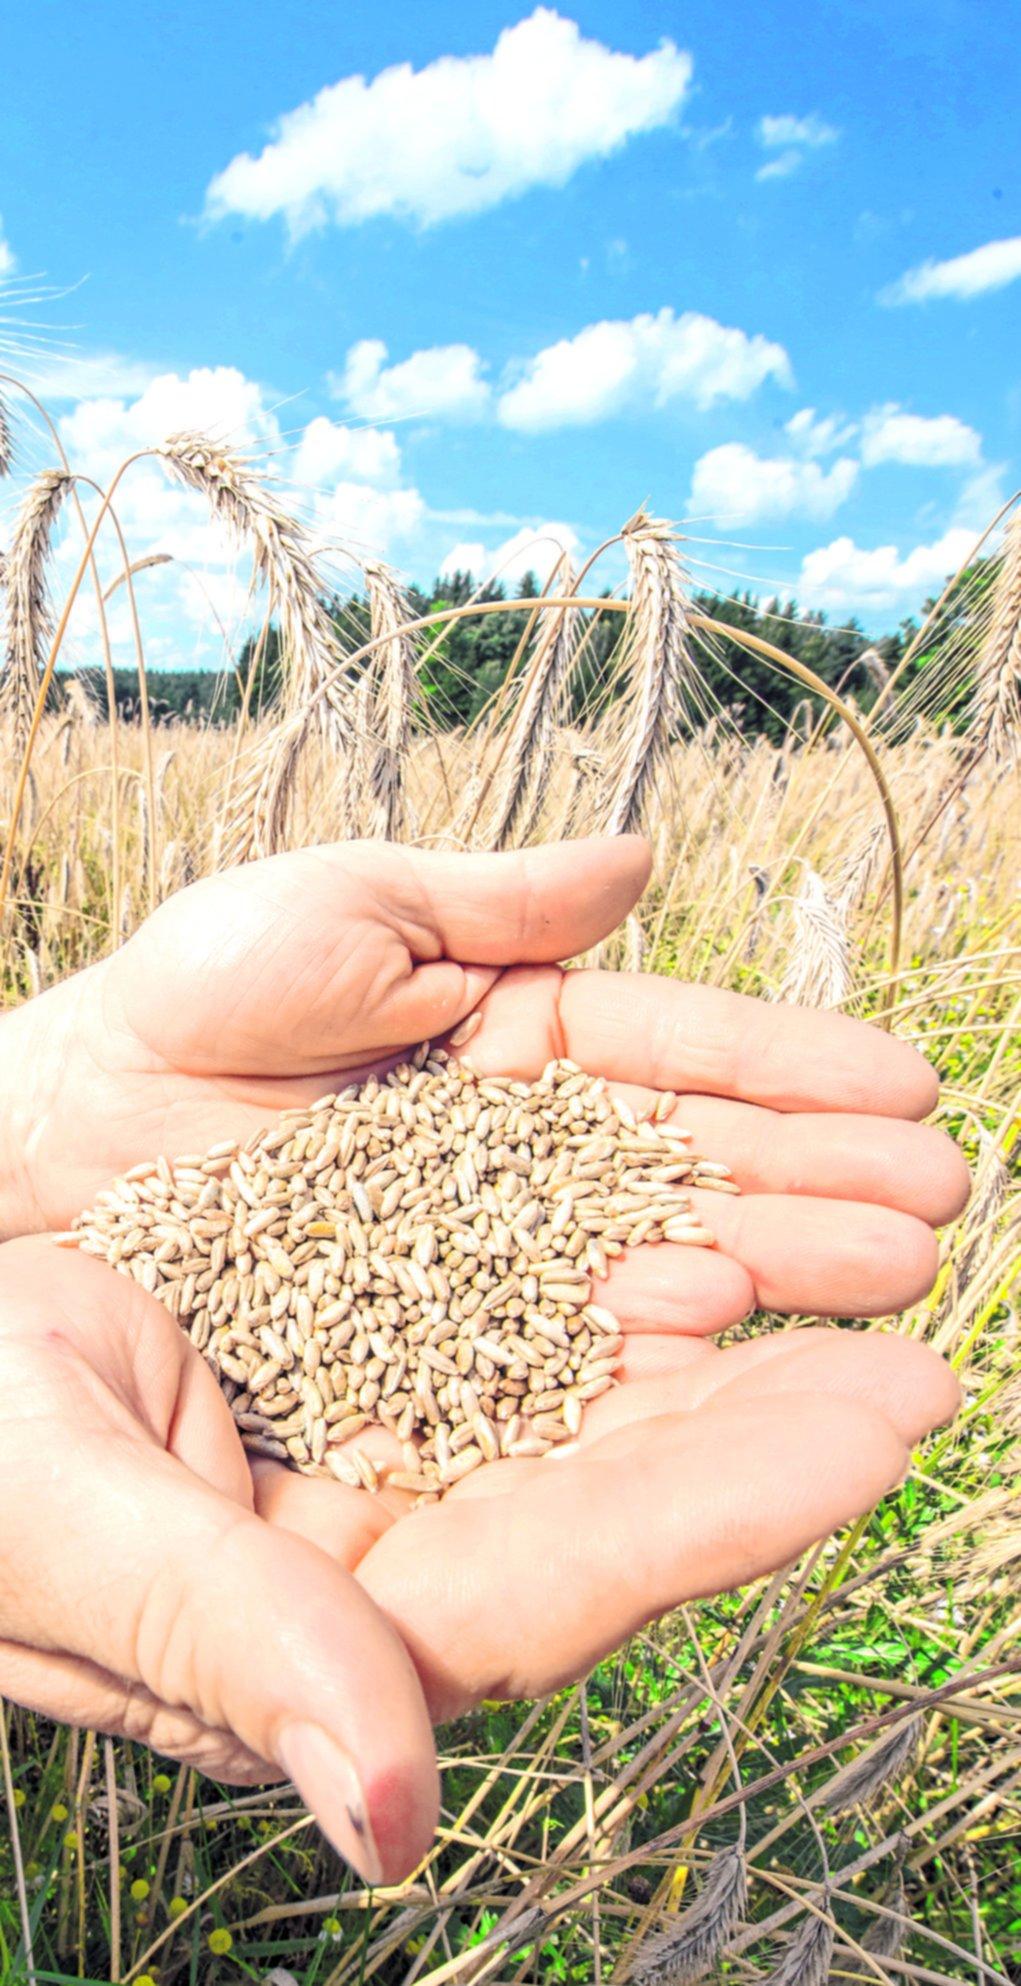 ¿Integral o no?: en cualquier variedad, los granos son fundamentales